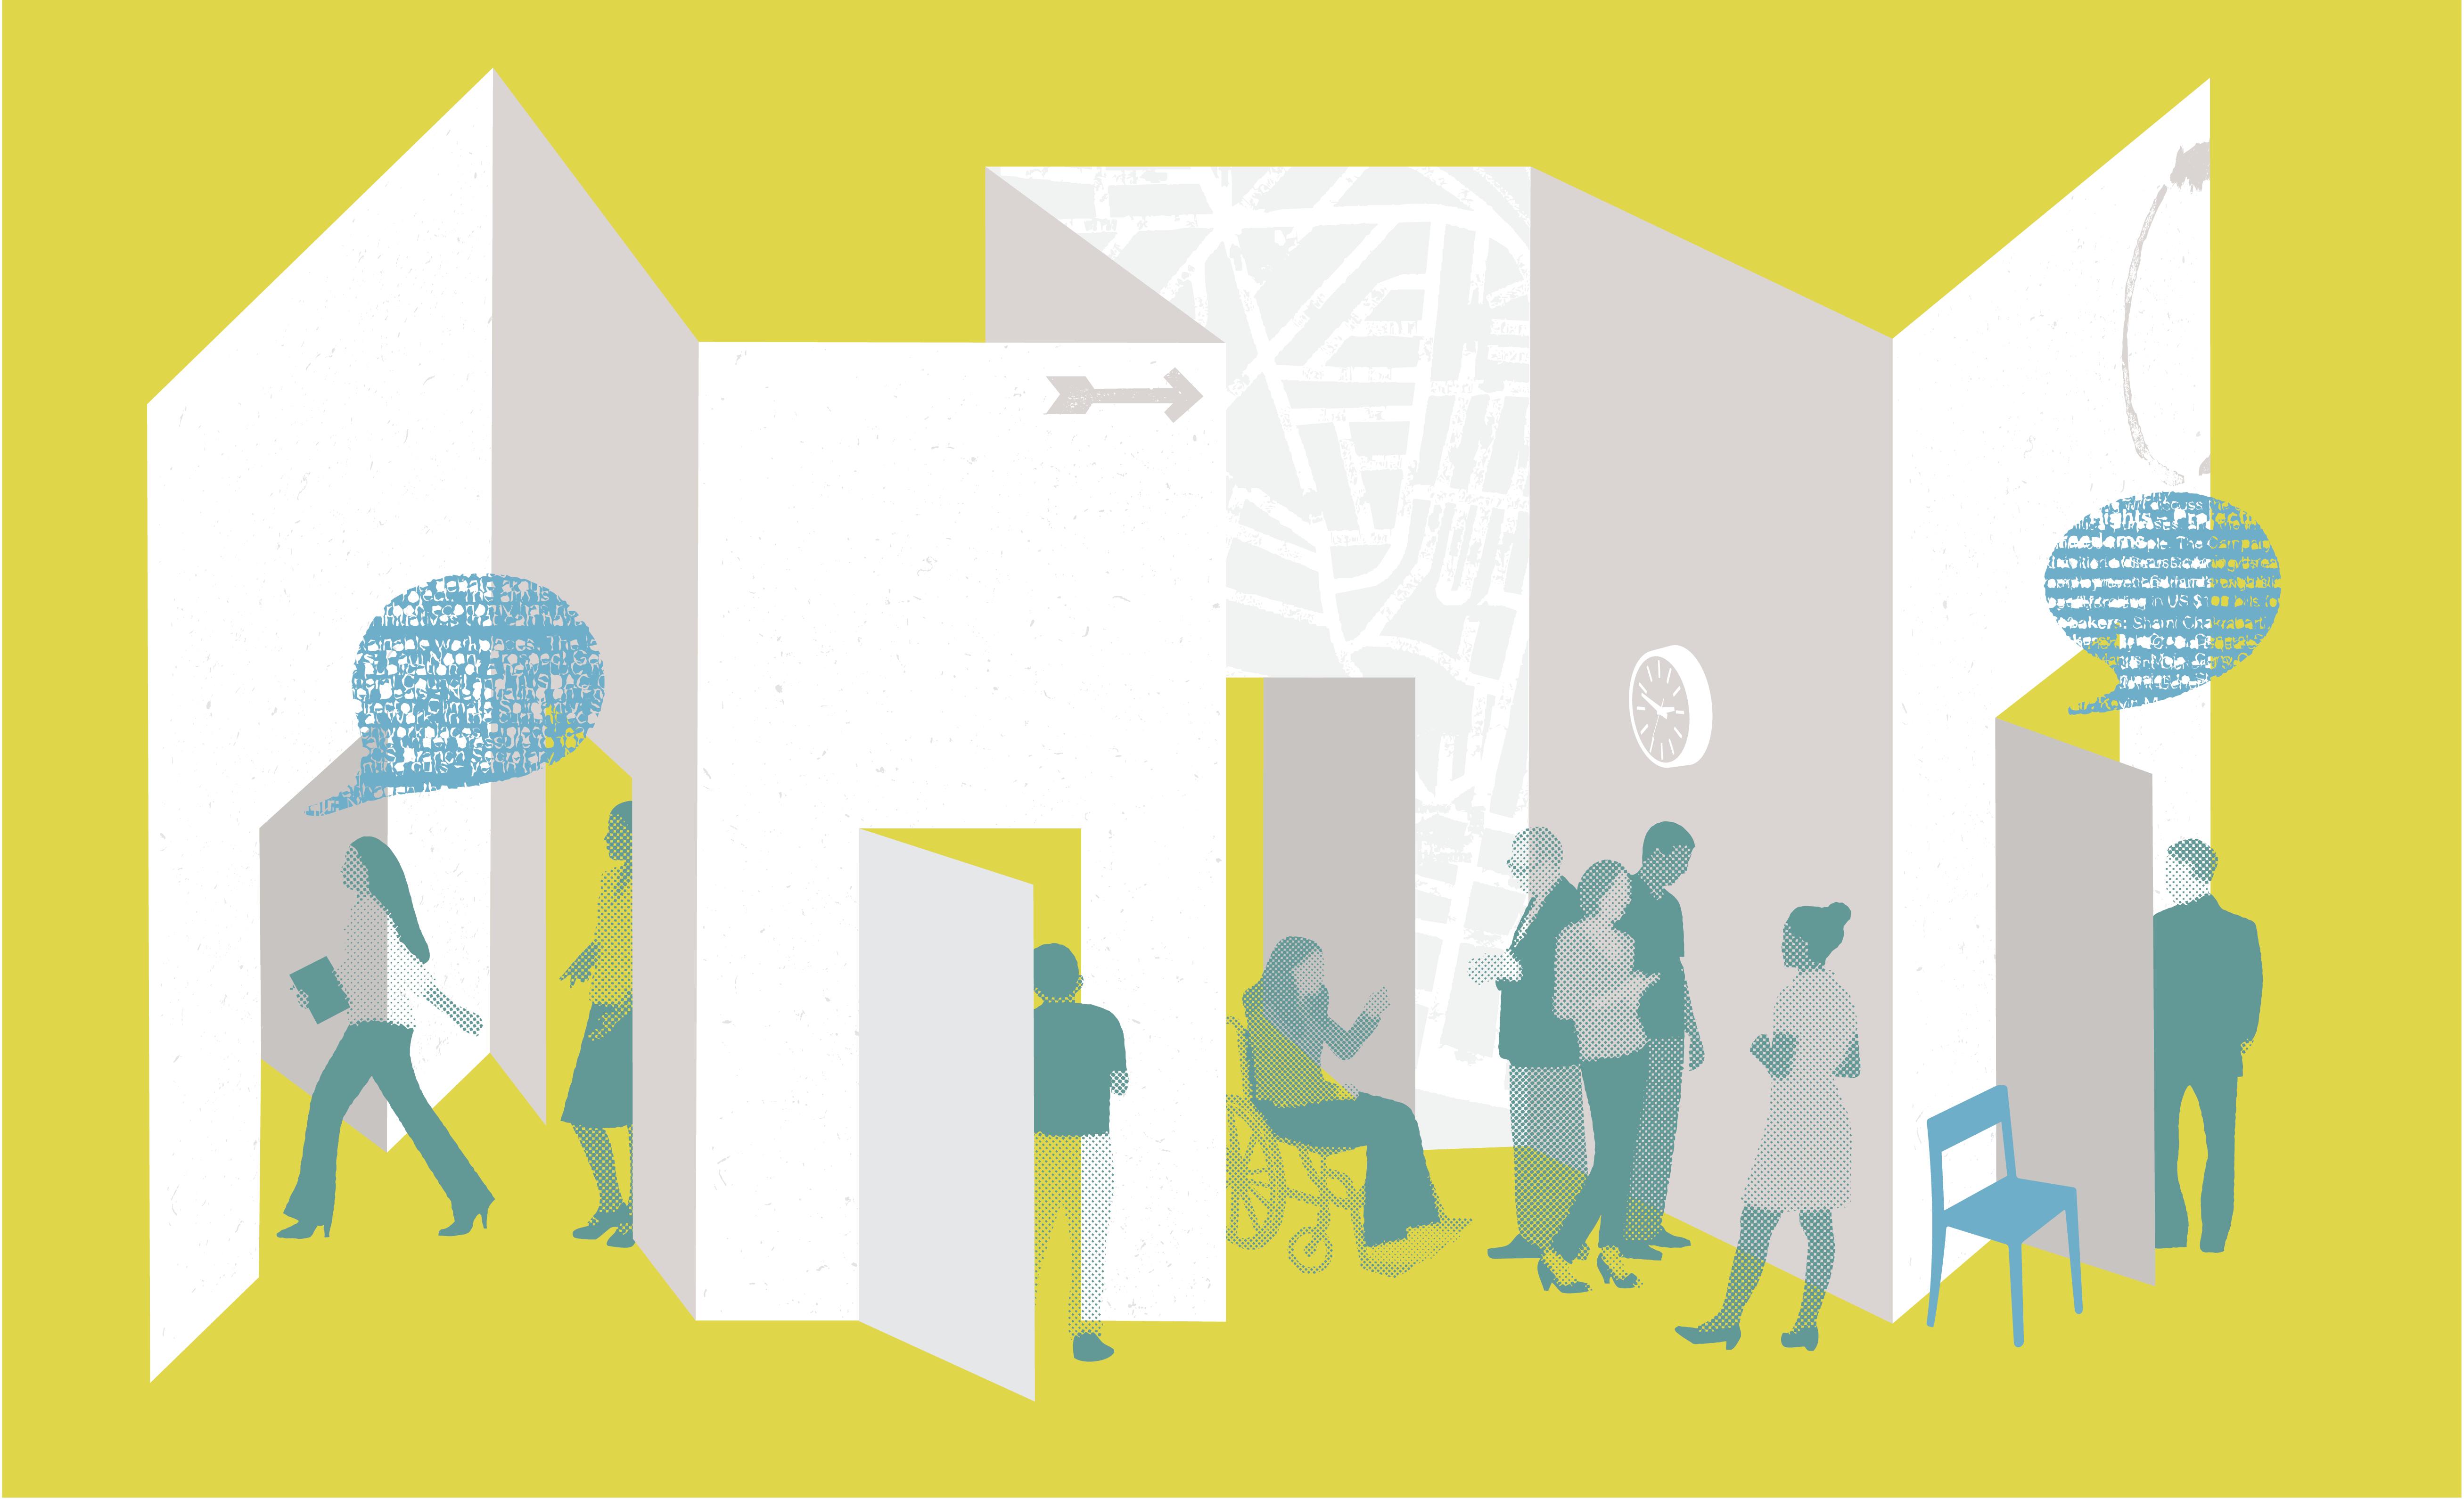 People with speech bubbles walking through doorways in brochure